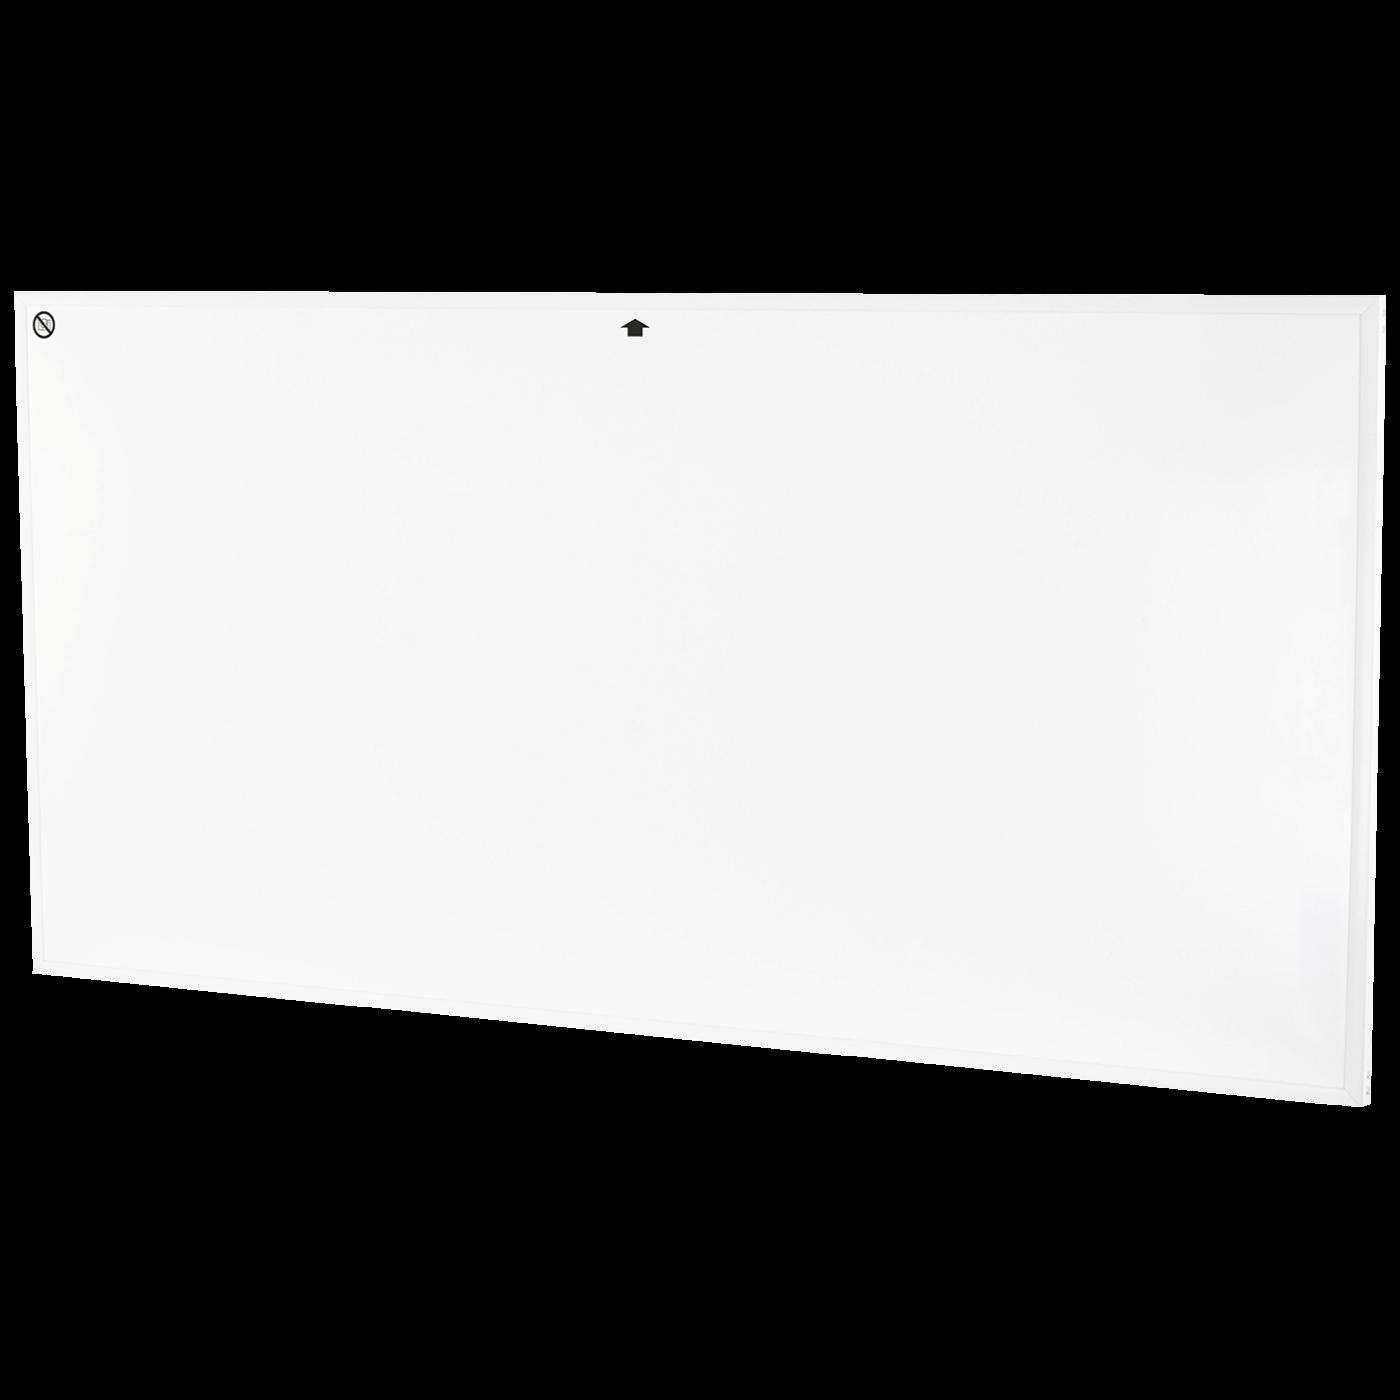 Panel električna grijalica, zidna, smart, 700 W, WiFi